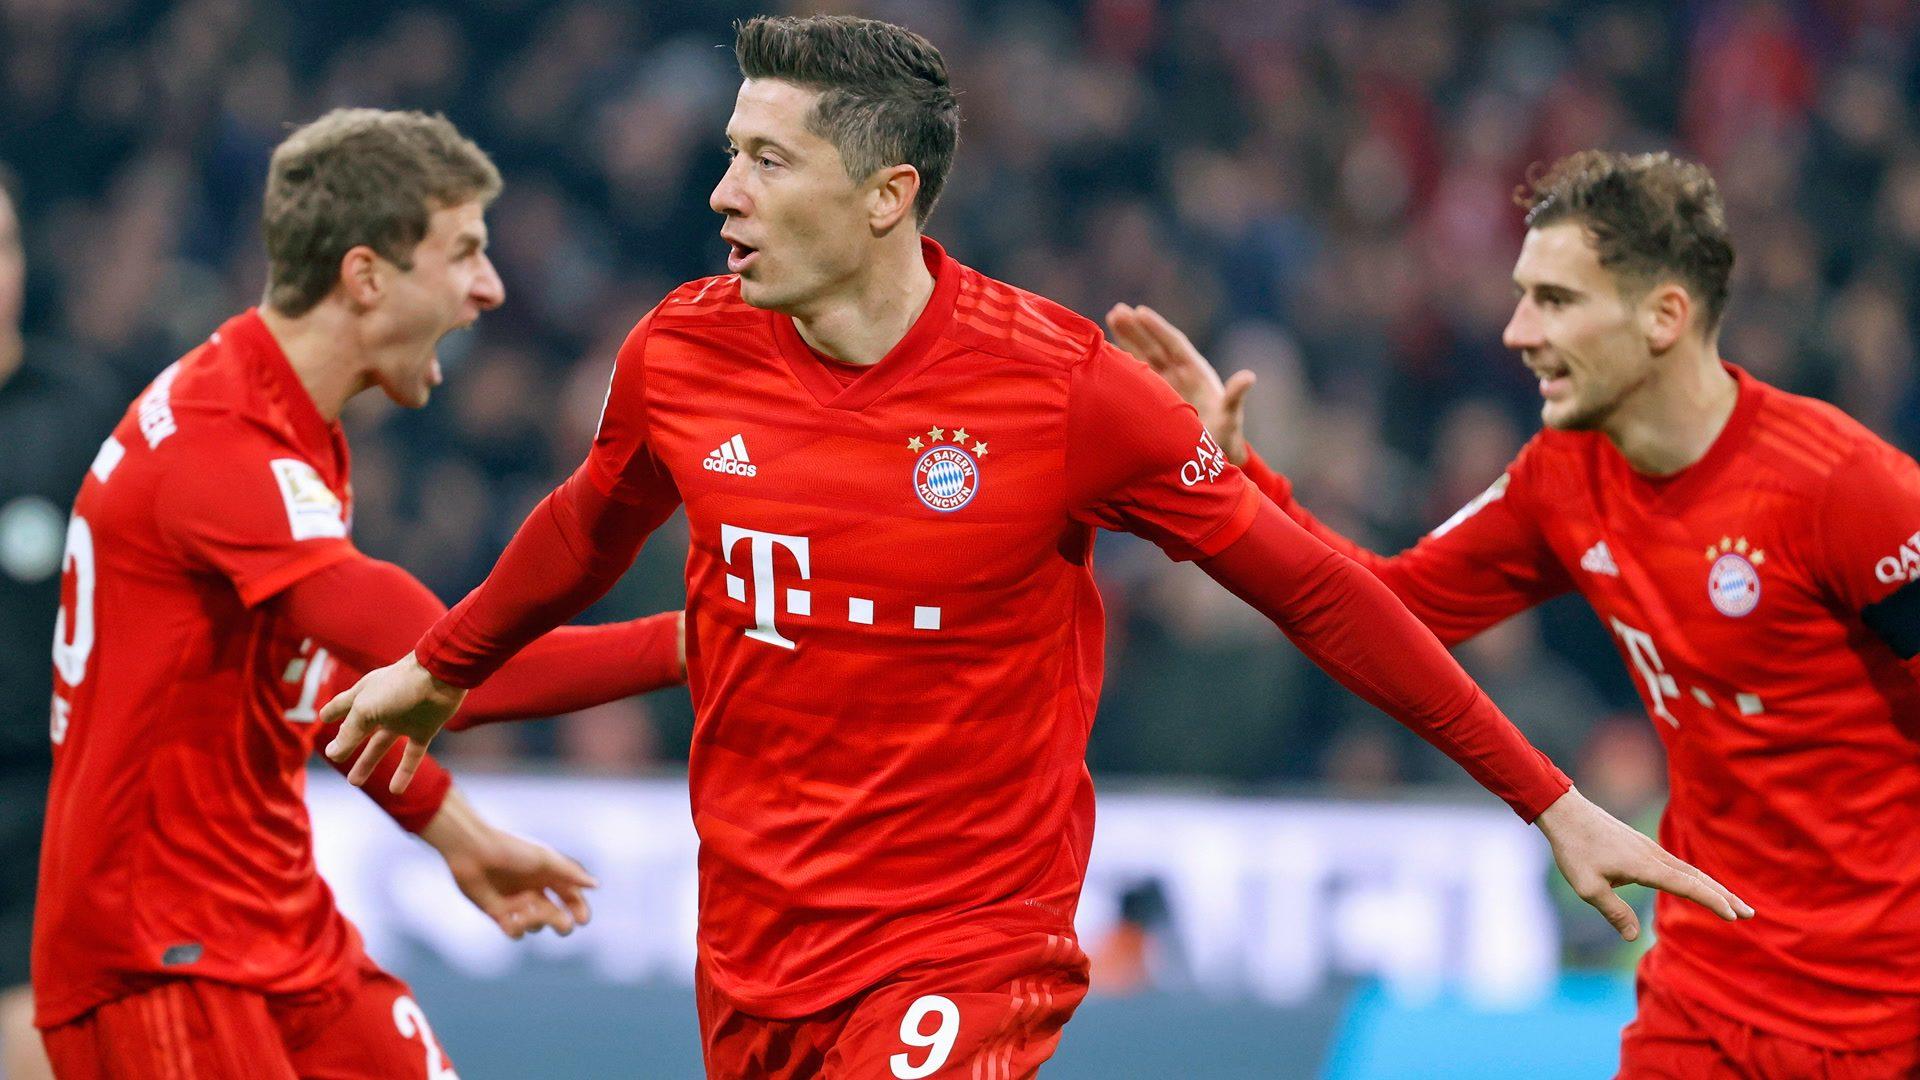 Bundesliga | Robert Lewandowski leads five-star Bayern Munich to win over  Schalke